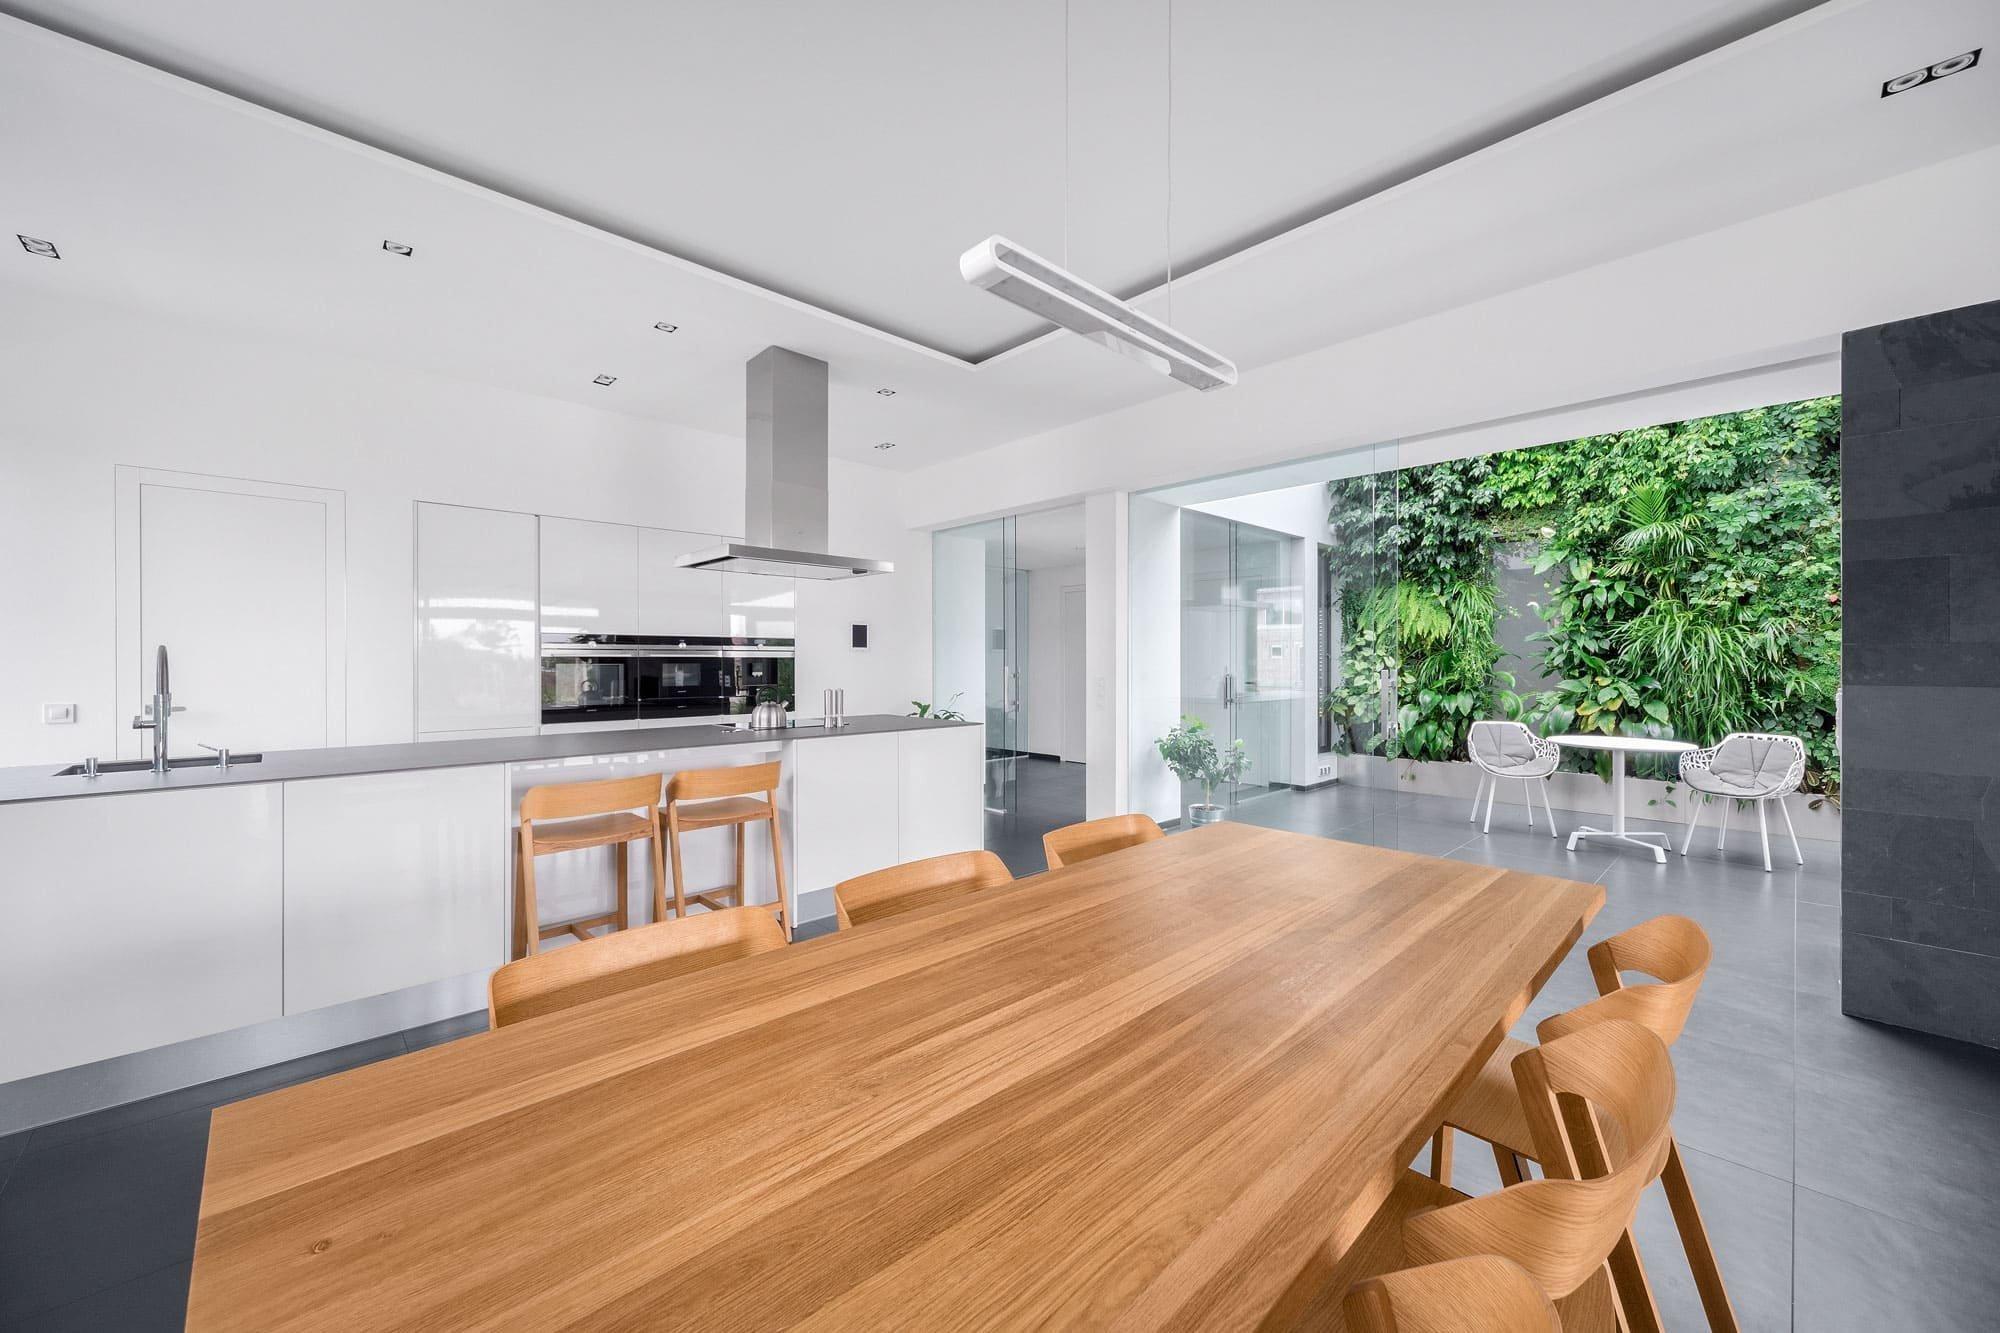 Architektonické studio Rosa – architekt navrhlo moderní přízemní dům s venkovním bazénem a zimní zahradou na rovinatém a úzkém pozemku, který zdánlivě neposkytuje prostor pro invenci. S trochou fantazie a racionálního úsudku se však podařilo, aby dům pro čtyřčlennou rodinu splnil požadavky na krásné i praktické bydlení.